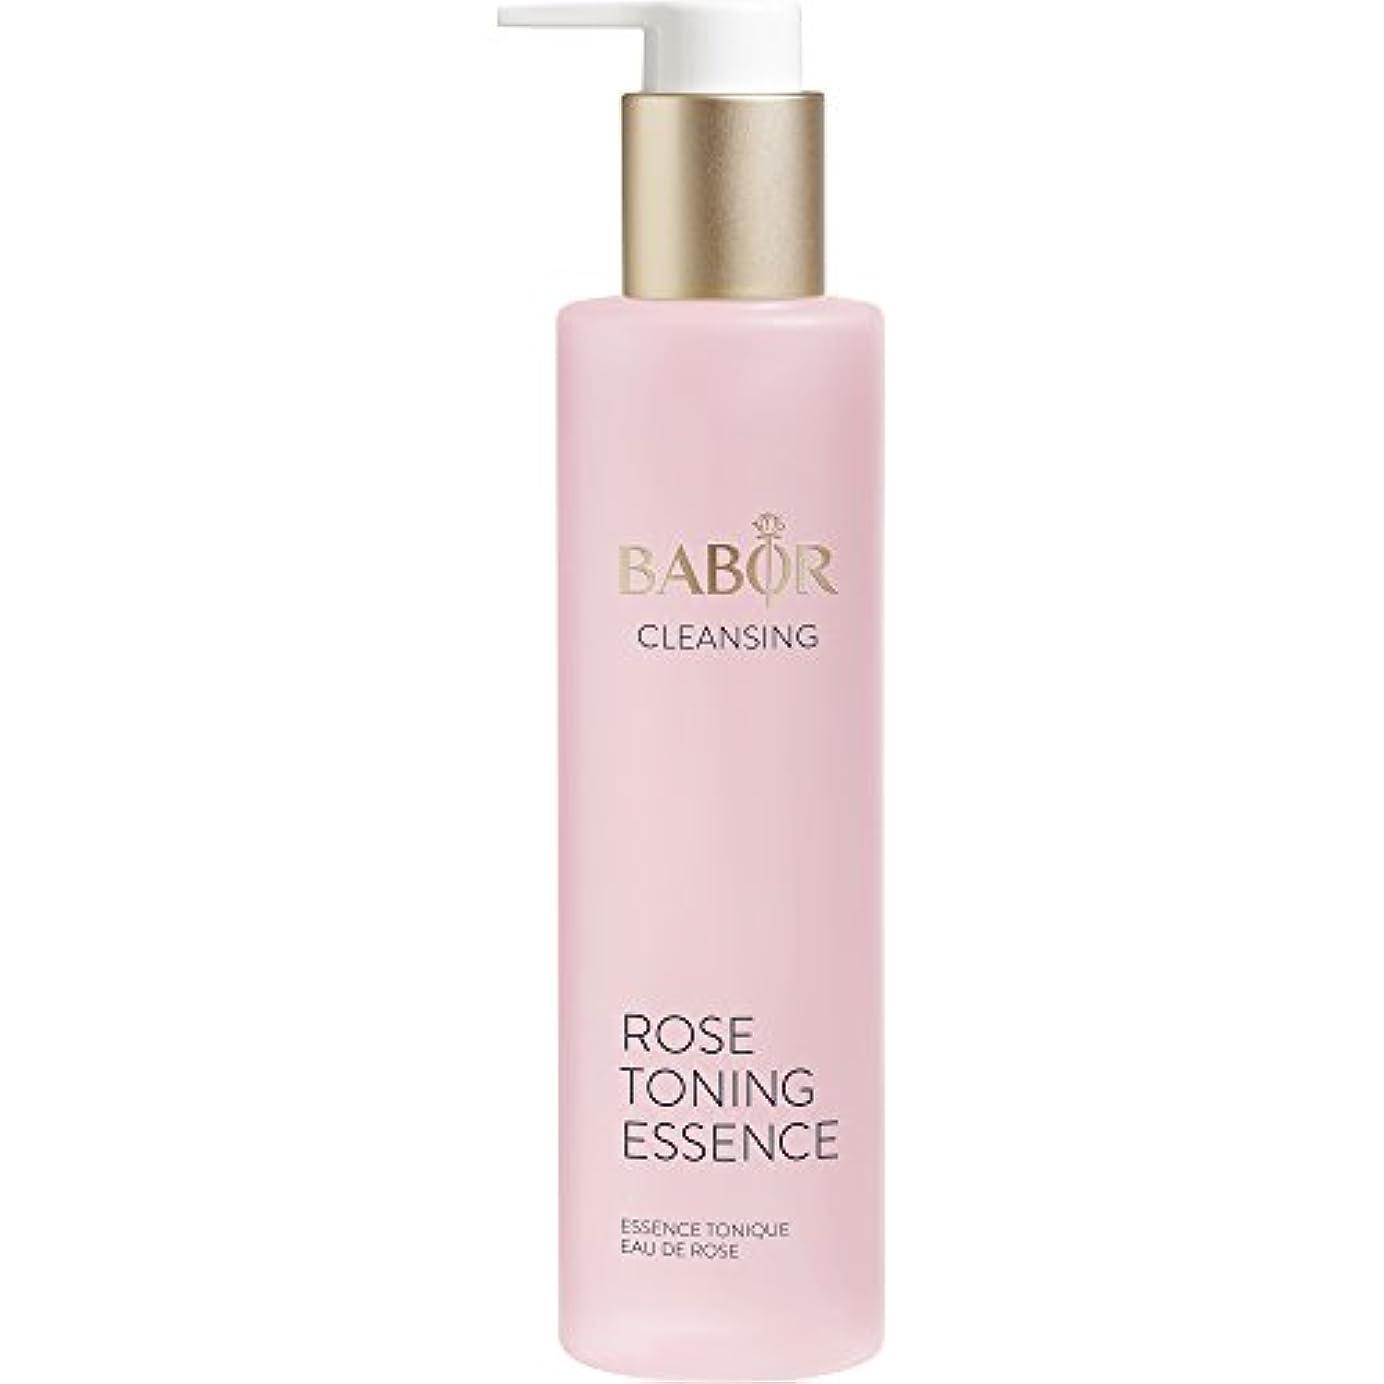 哺乳類委任ヒールバボール CLEANSING Rose Toning Essence 200ml/6.3oz並行輸入品